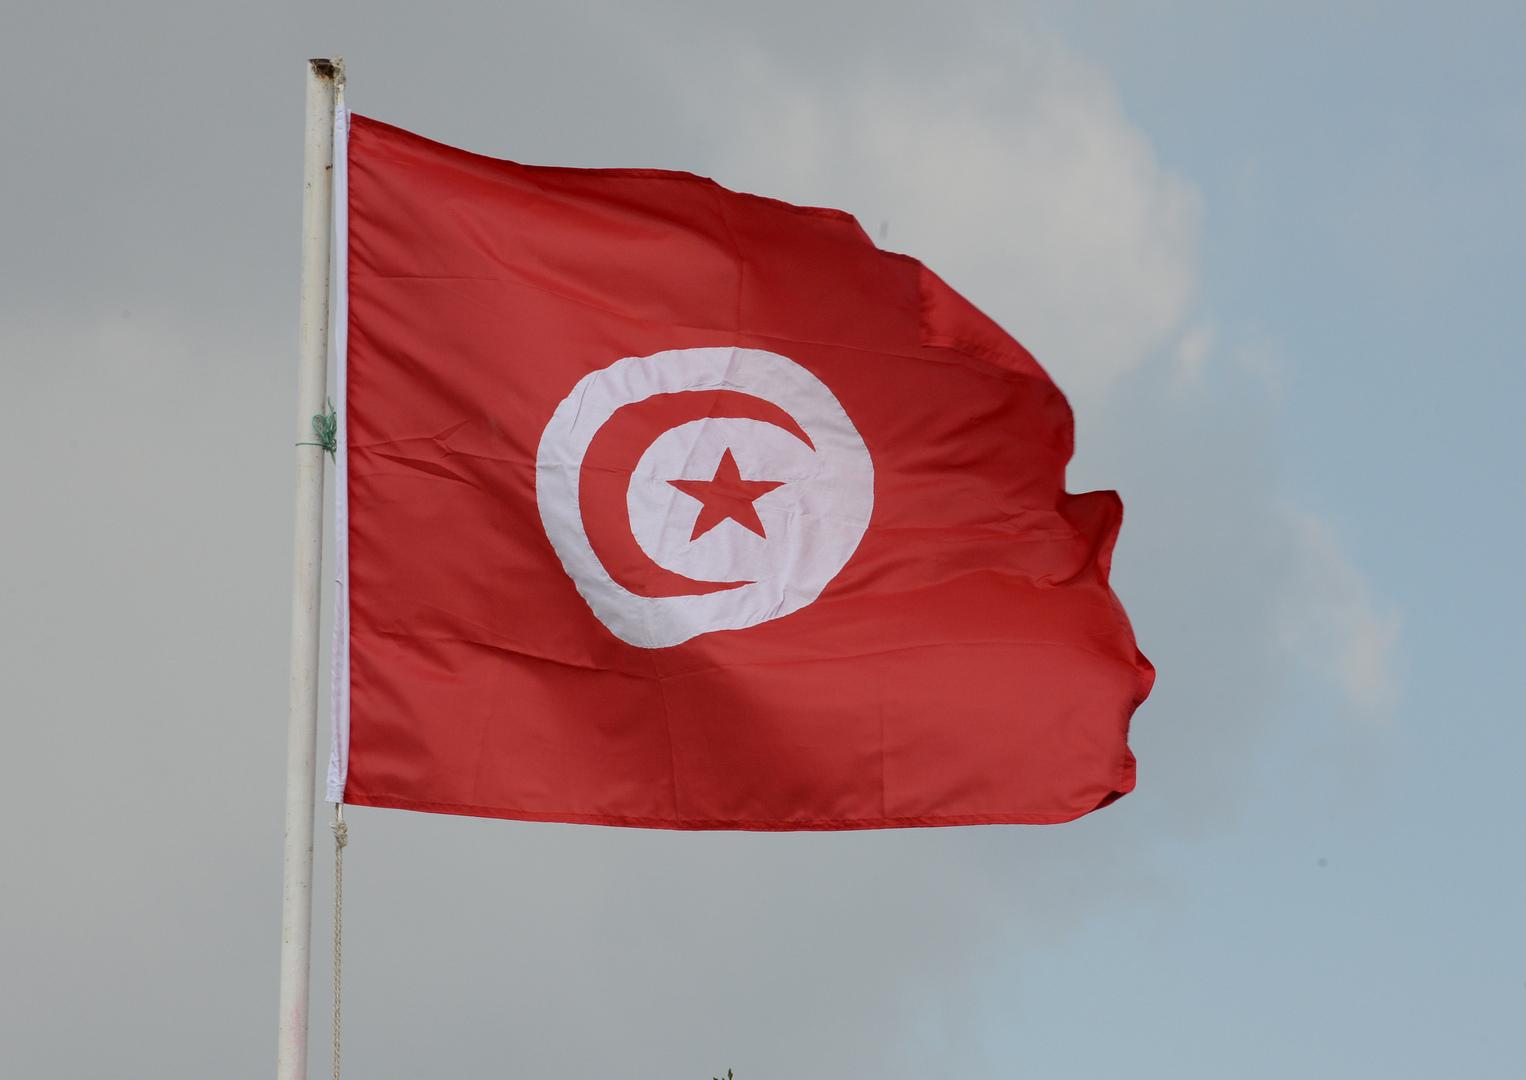 تونس.. دعوات للتظاهر اليوم ضد قرارات سعيد